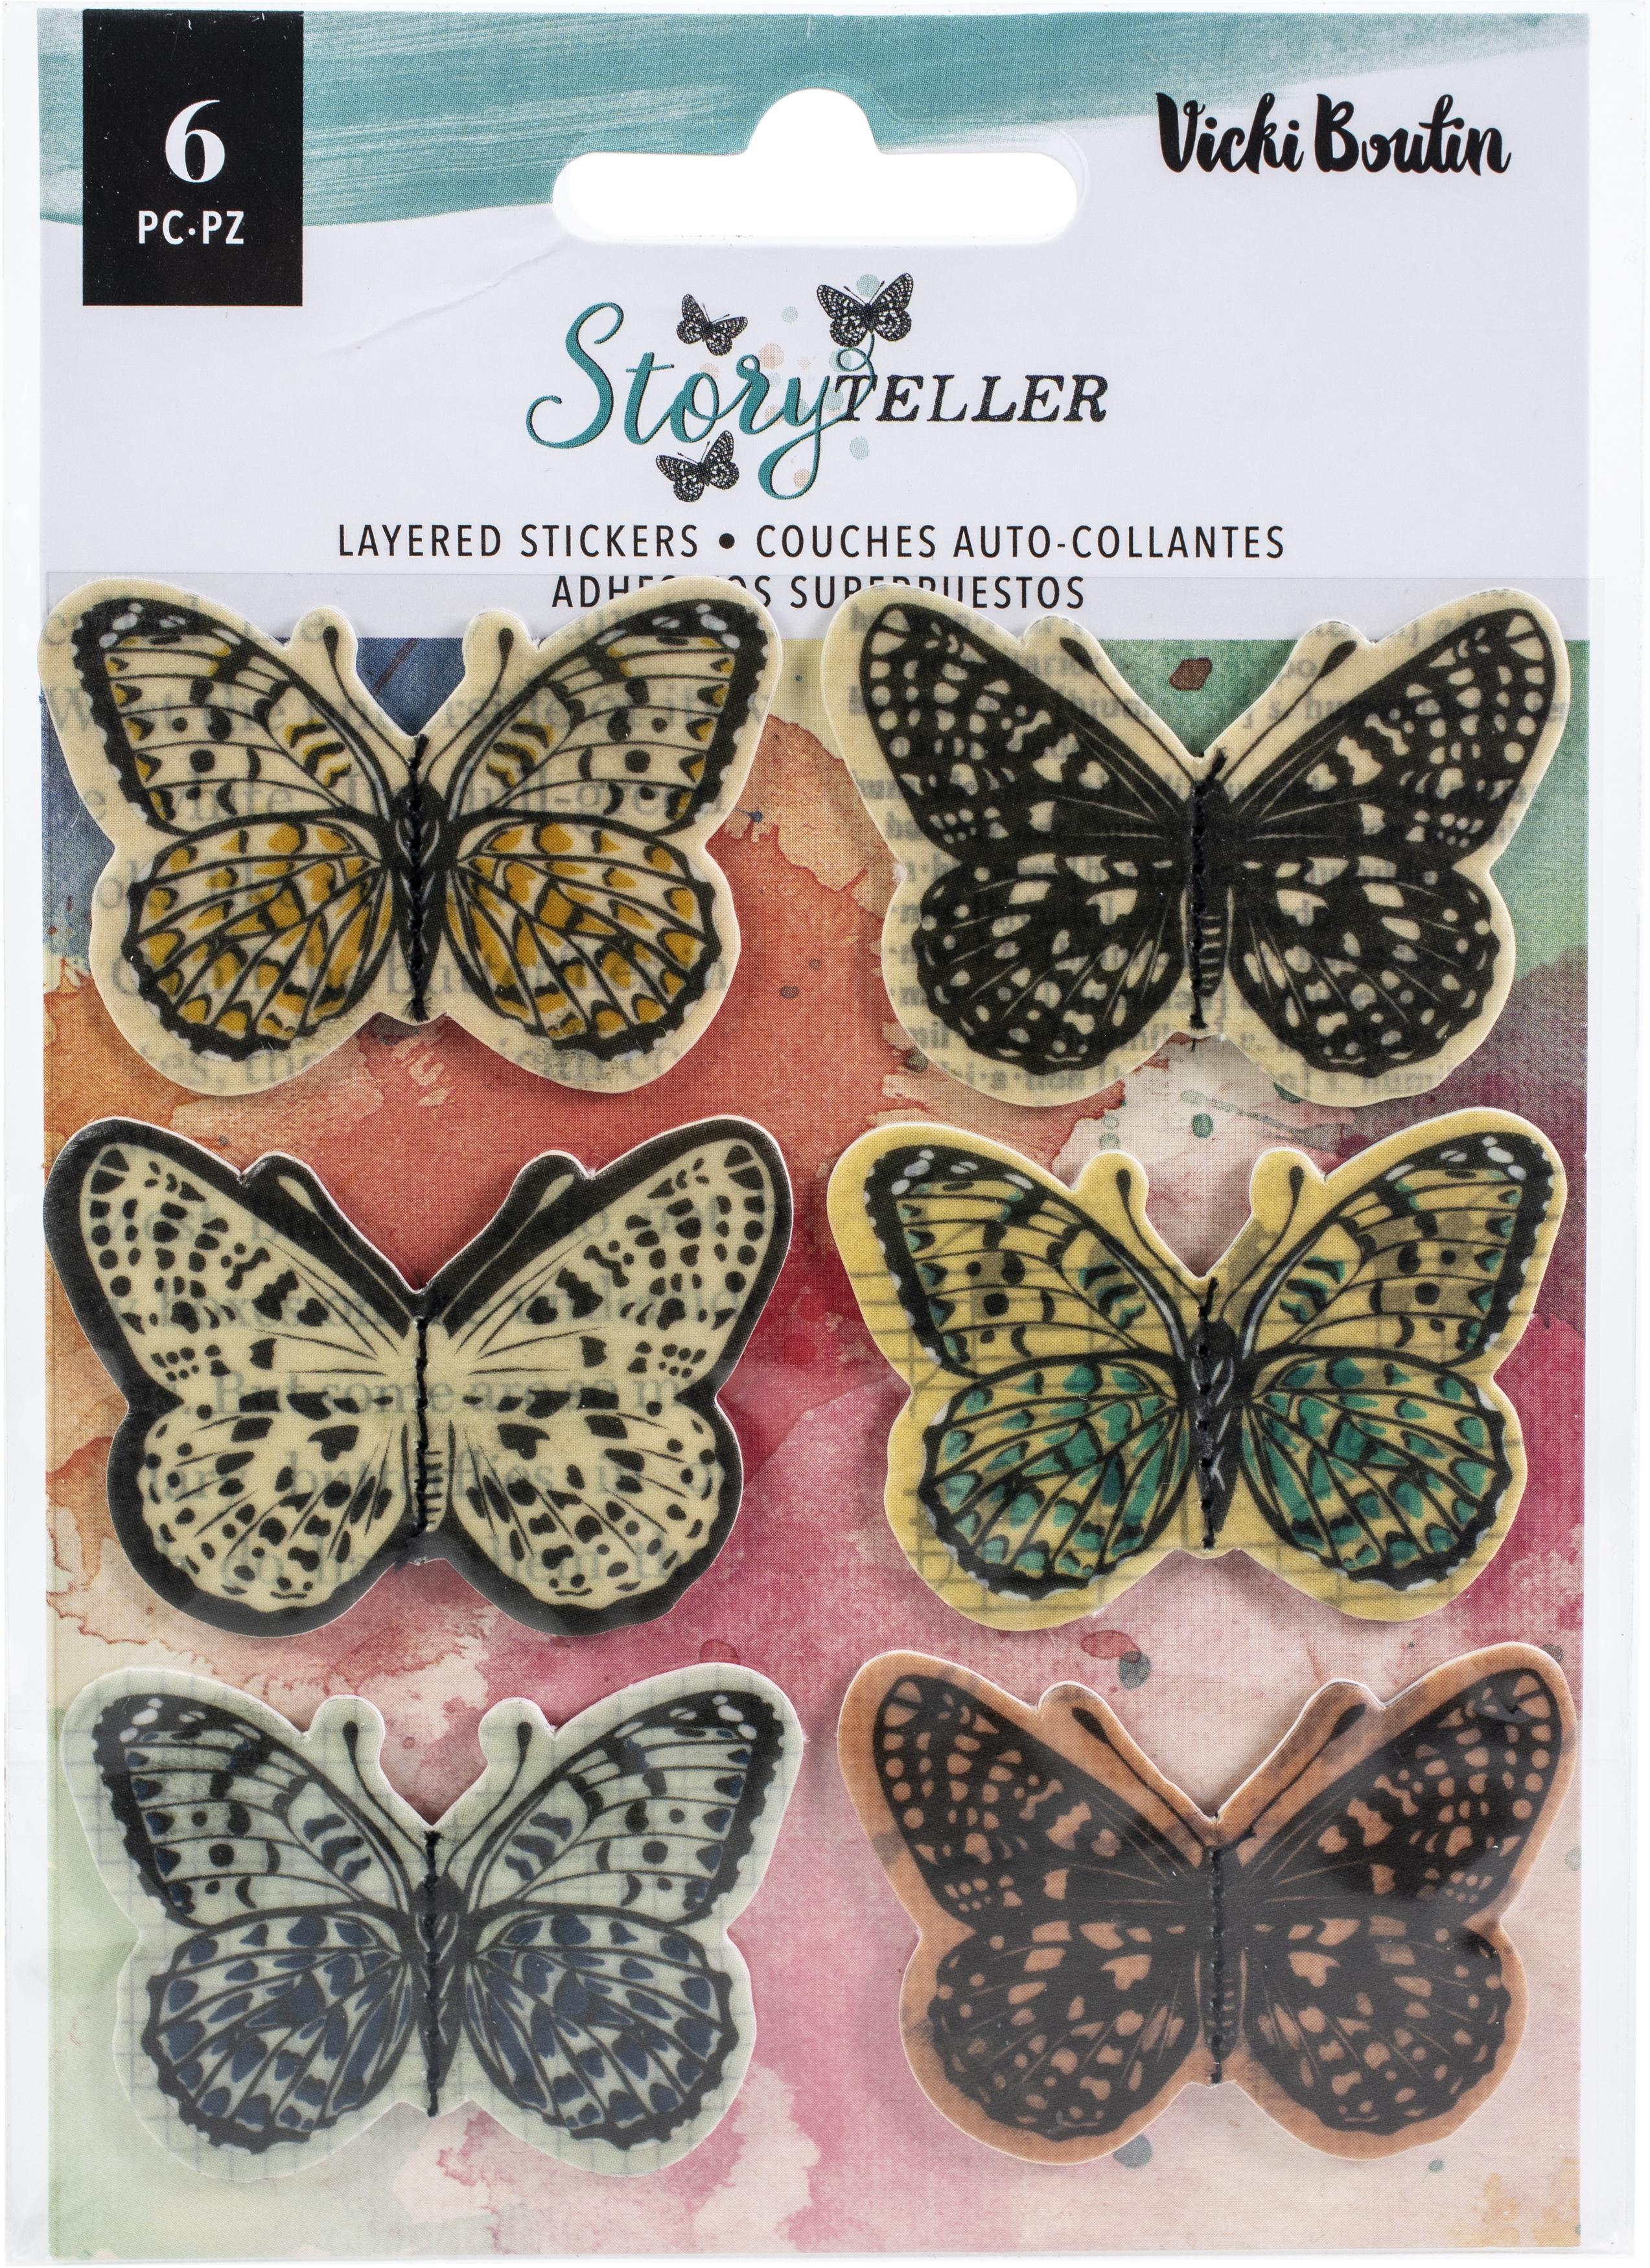 Vicki Boutin Storyteller Layered Stickers 6/Pkg-Vellum Butterflies